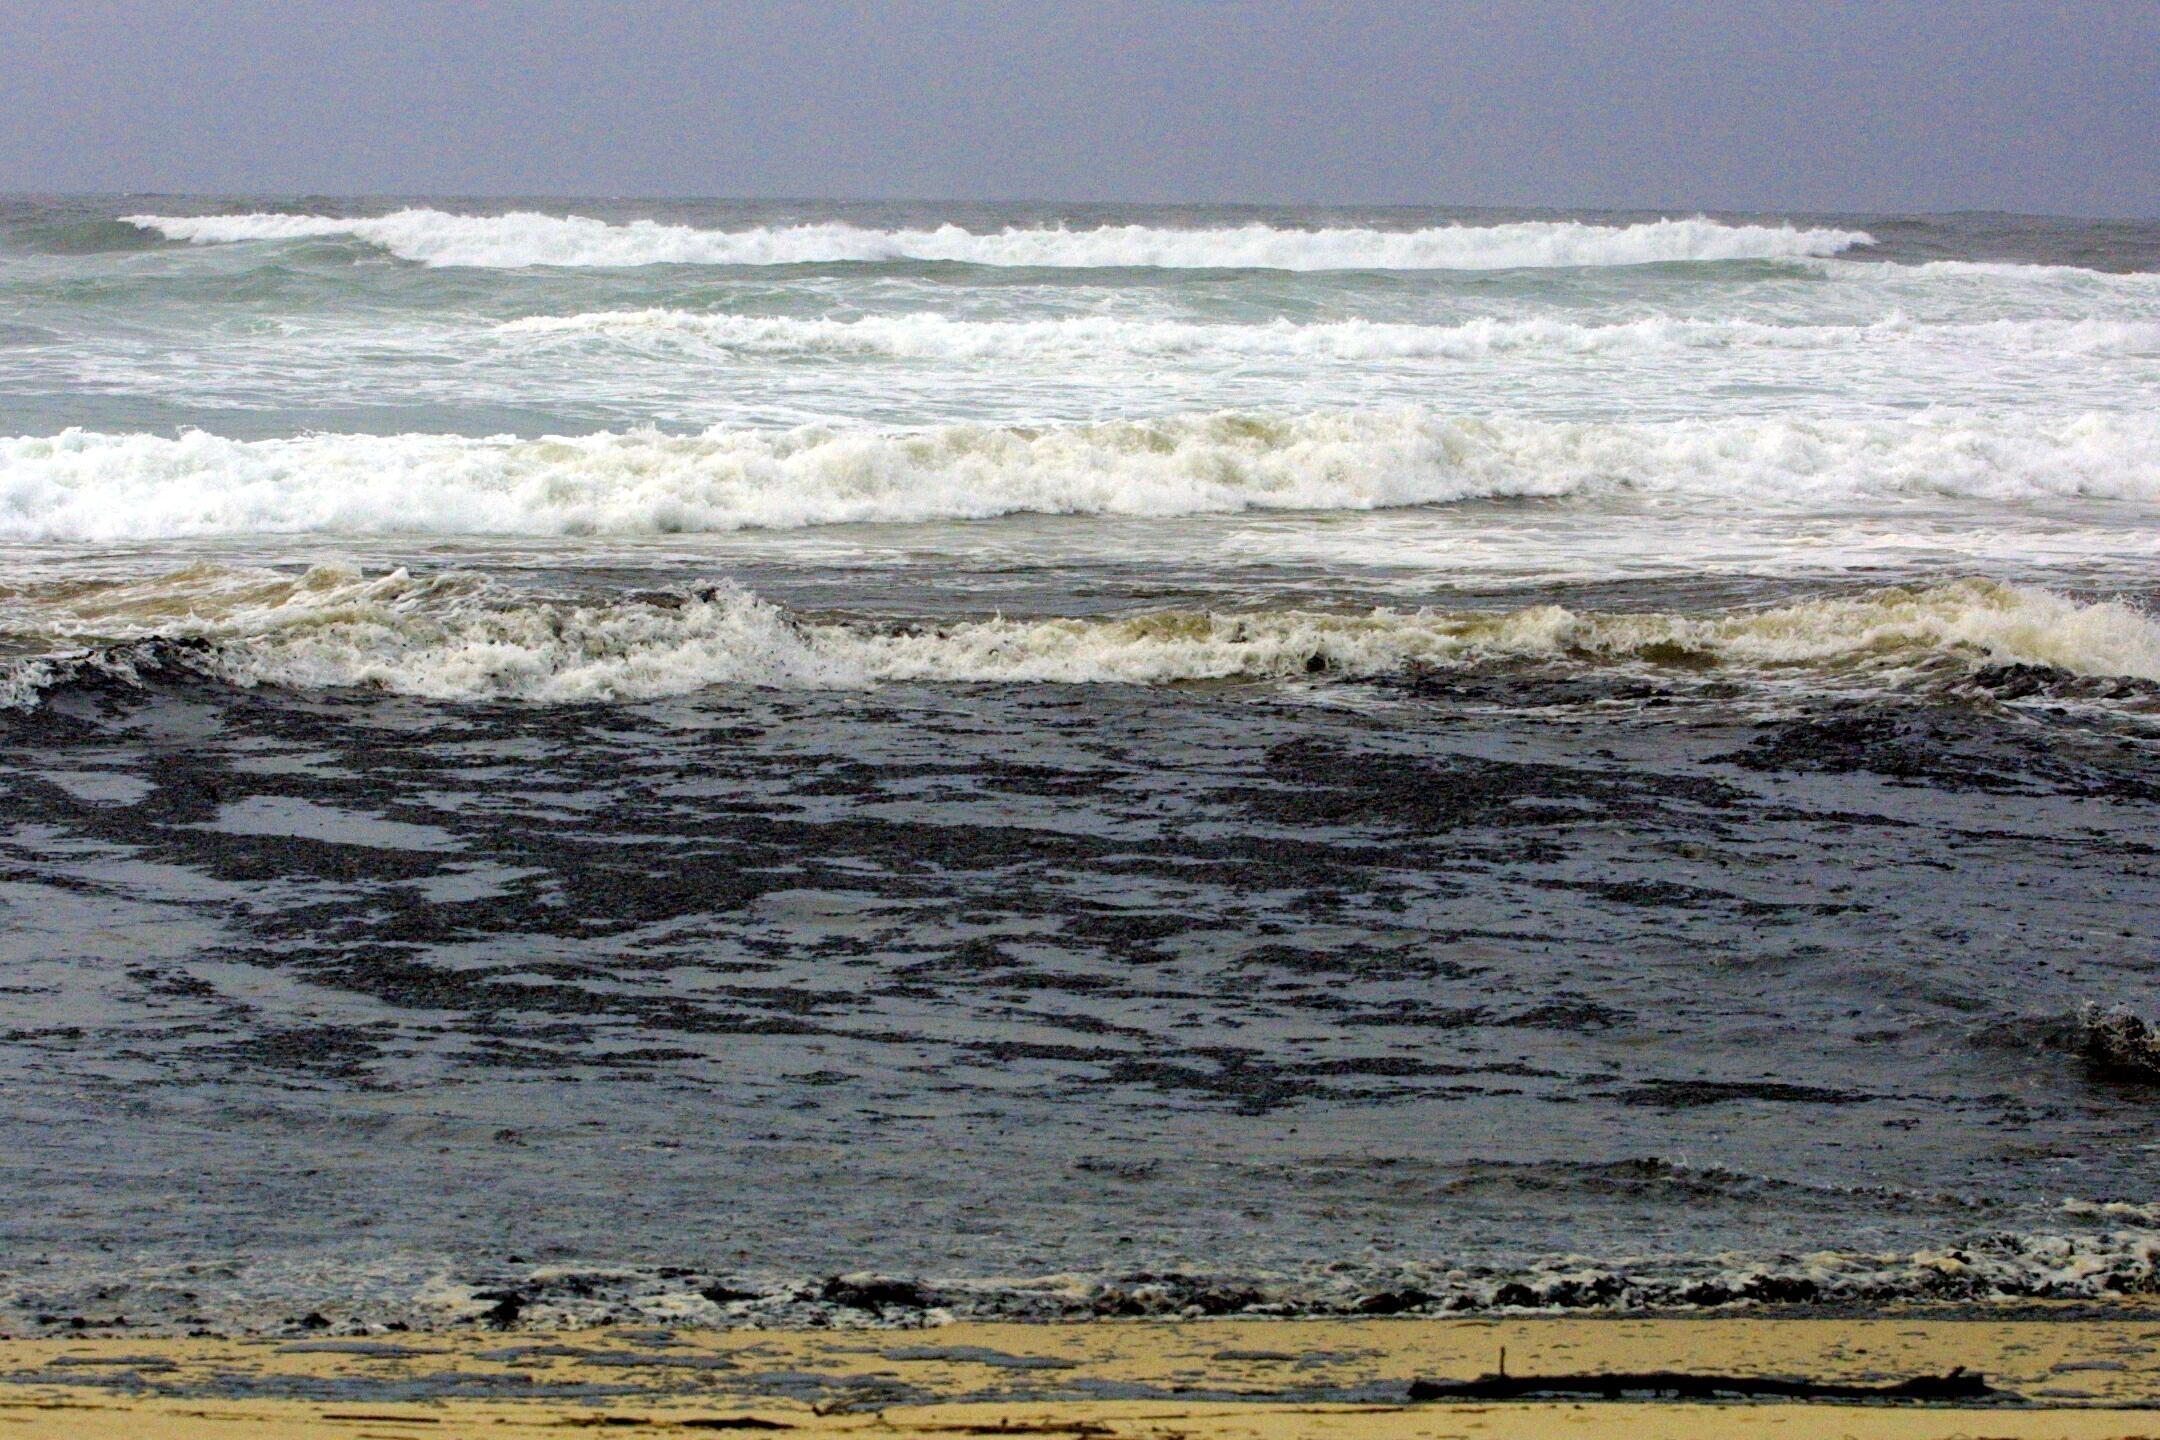 El arenal de Río Sieira, anegado de fuel. <br><b>Carmela Queijeiro</b>